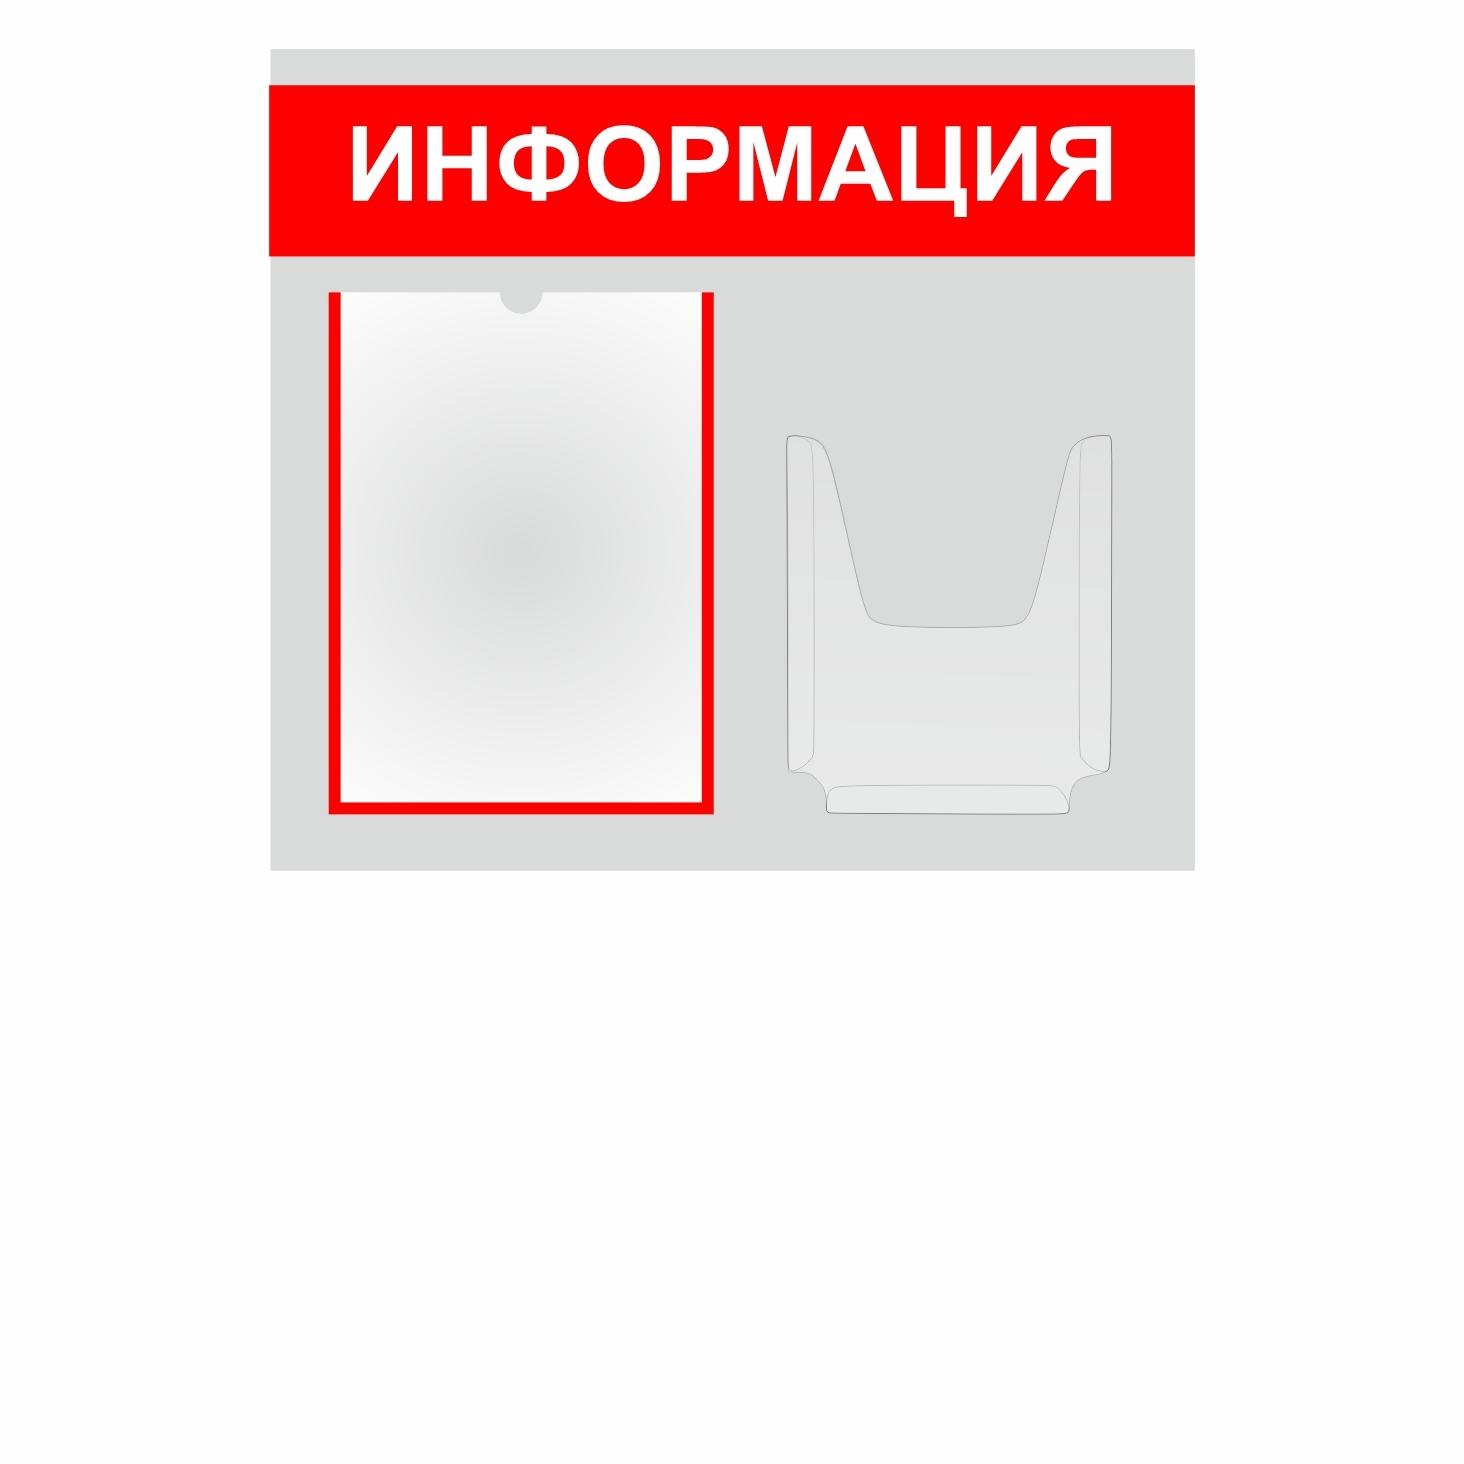 Информационный стенд 540х480мм из ПВХ 3мм на 1 плоский и 1 объемный карман